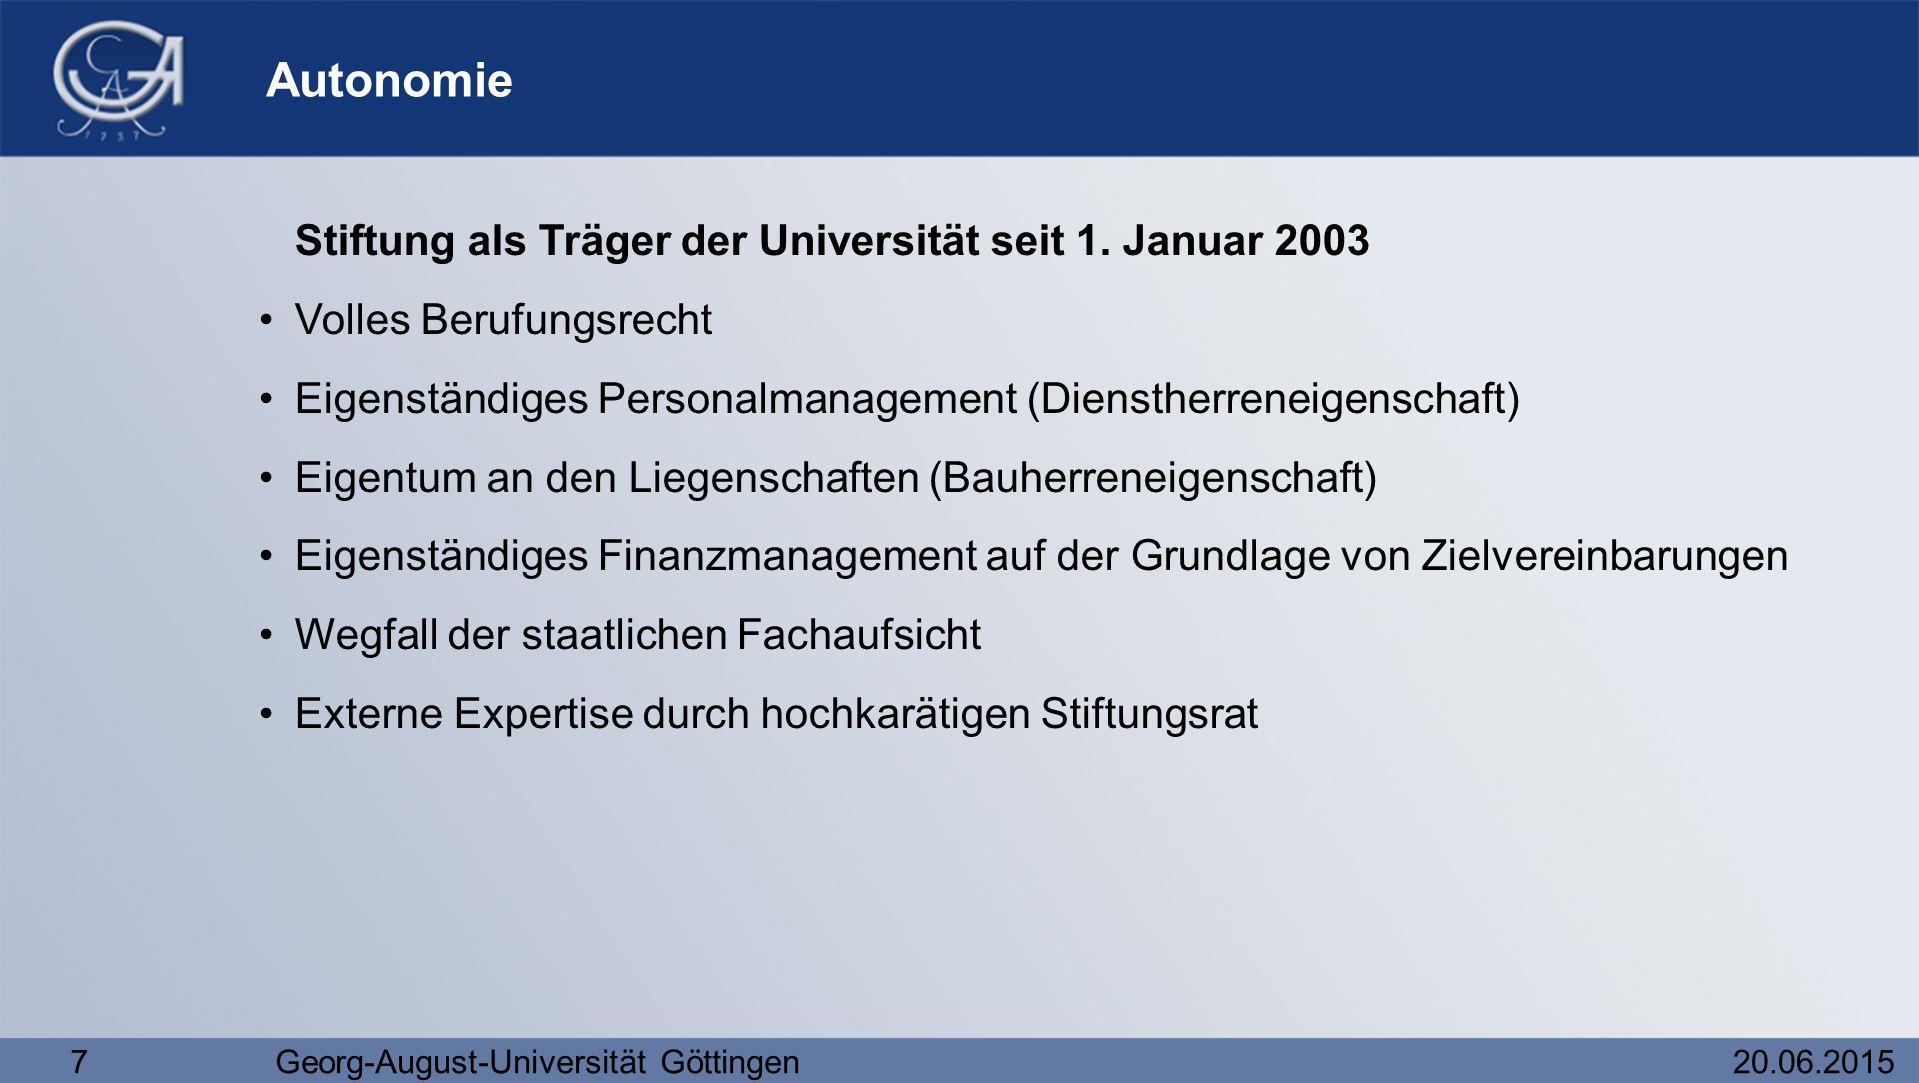 7Georg-August-Universität Göttingen20.06.2015 Autonomie Stiftung als Träger der Universität seit 1. Januar 2003 Volles Berufungsrecht Eigenständiges P